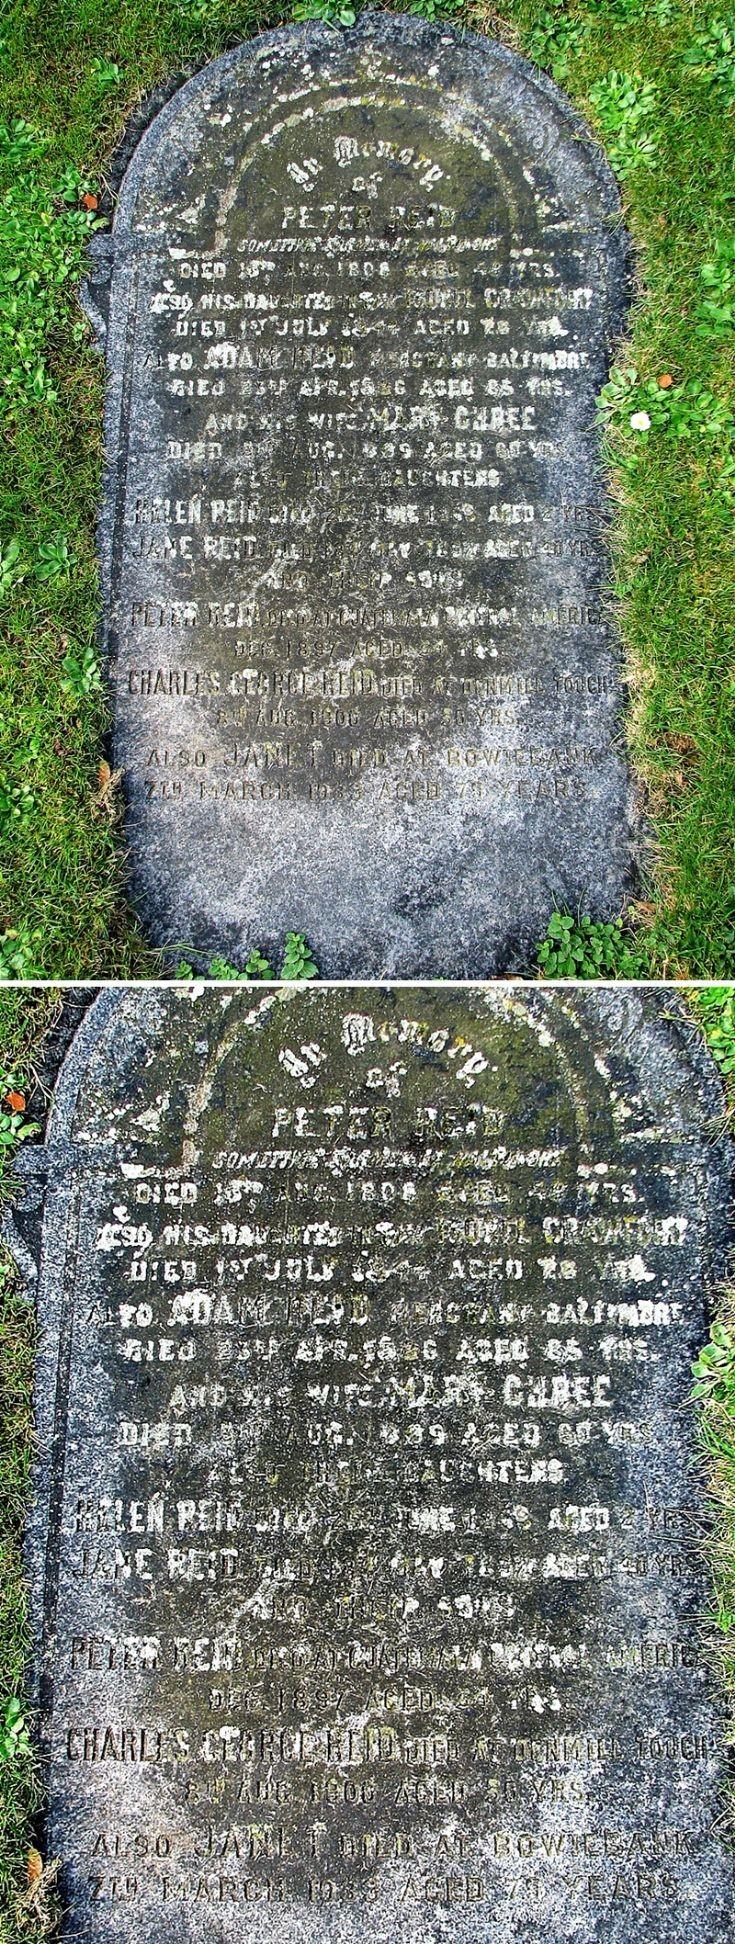 42 Grave No 46 Peter Reid